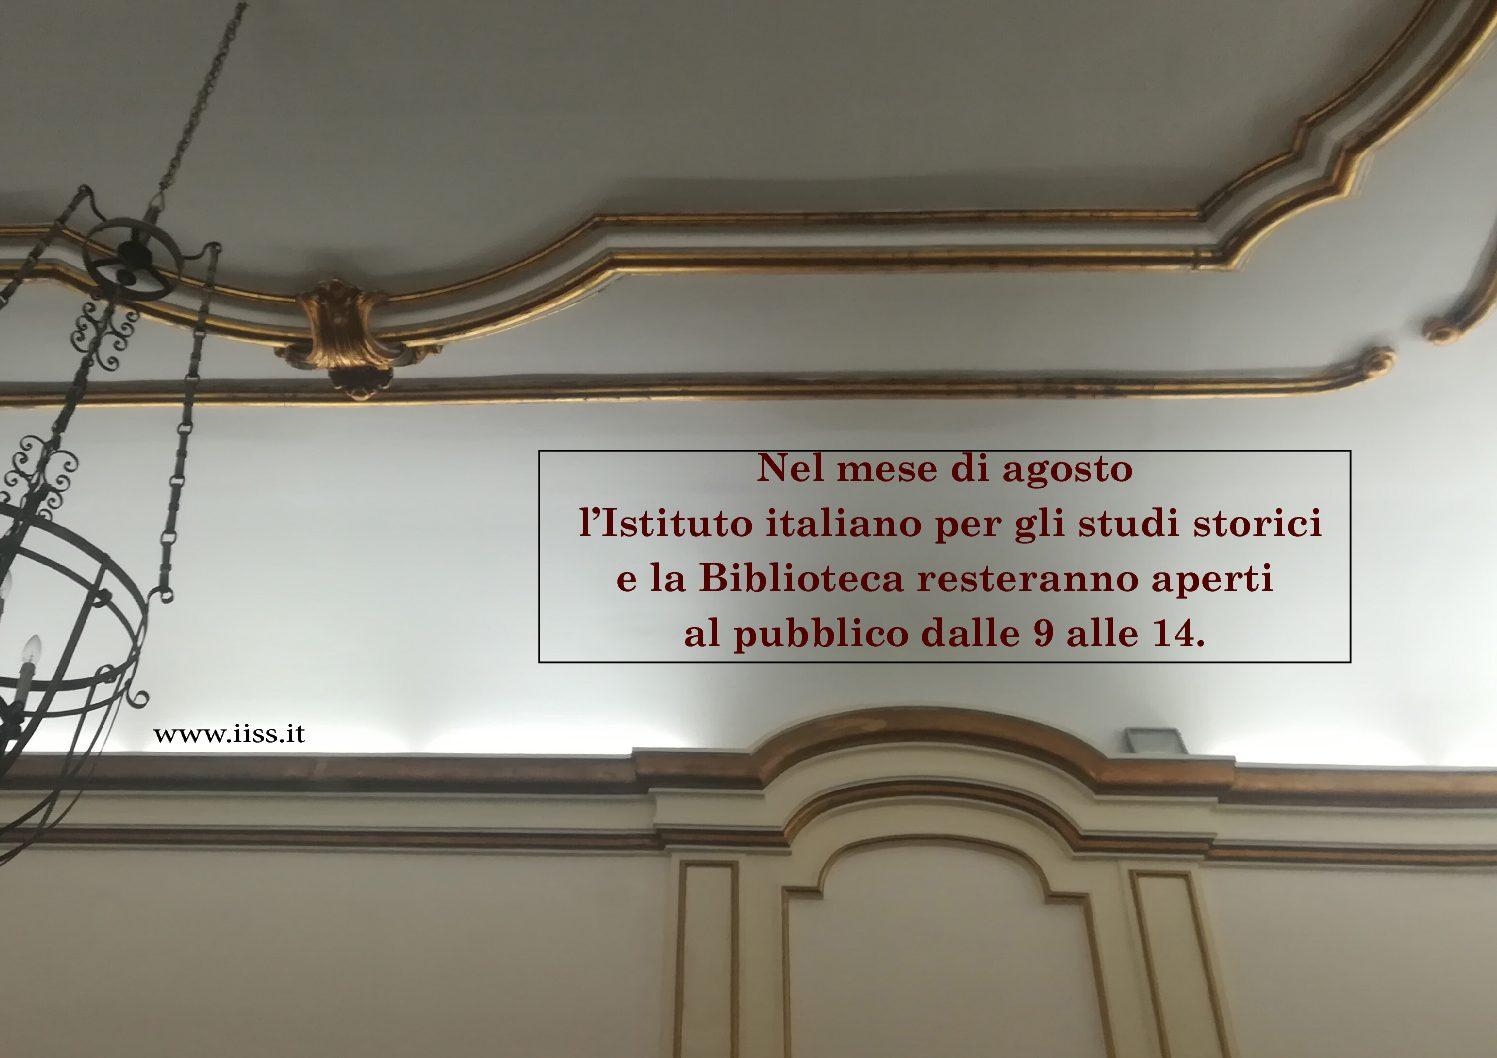 Nel mese di agosto l'Istituto italiano per gli studi storici e la Biblioteca resteranno aperti al pubblico dalle 9 alle 14.